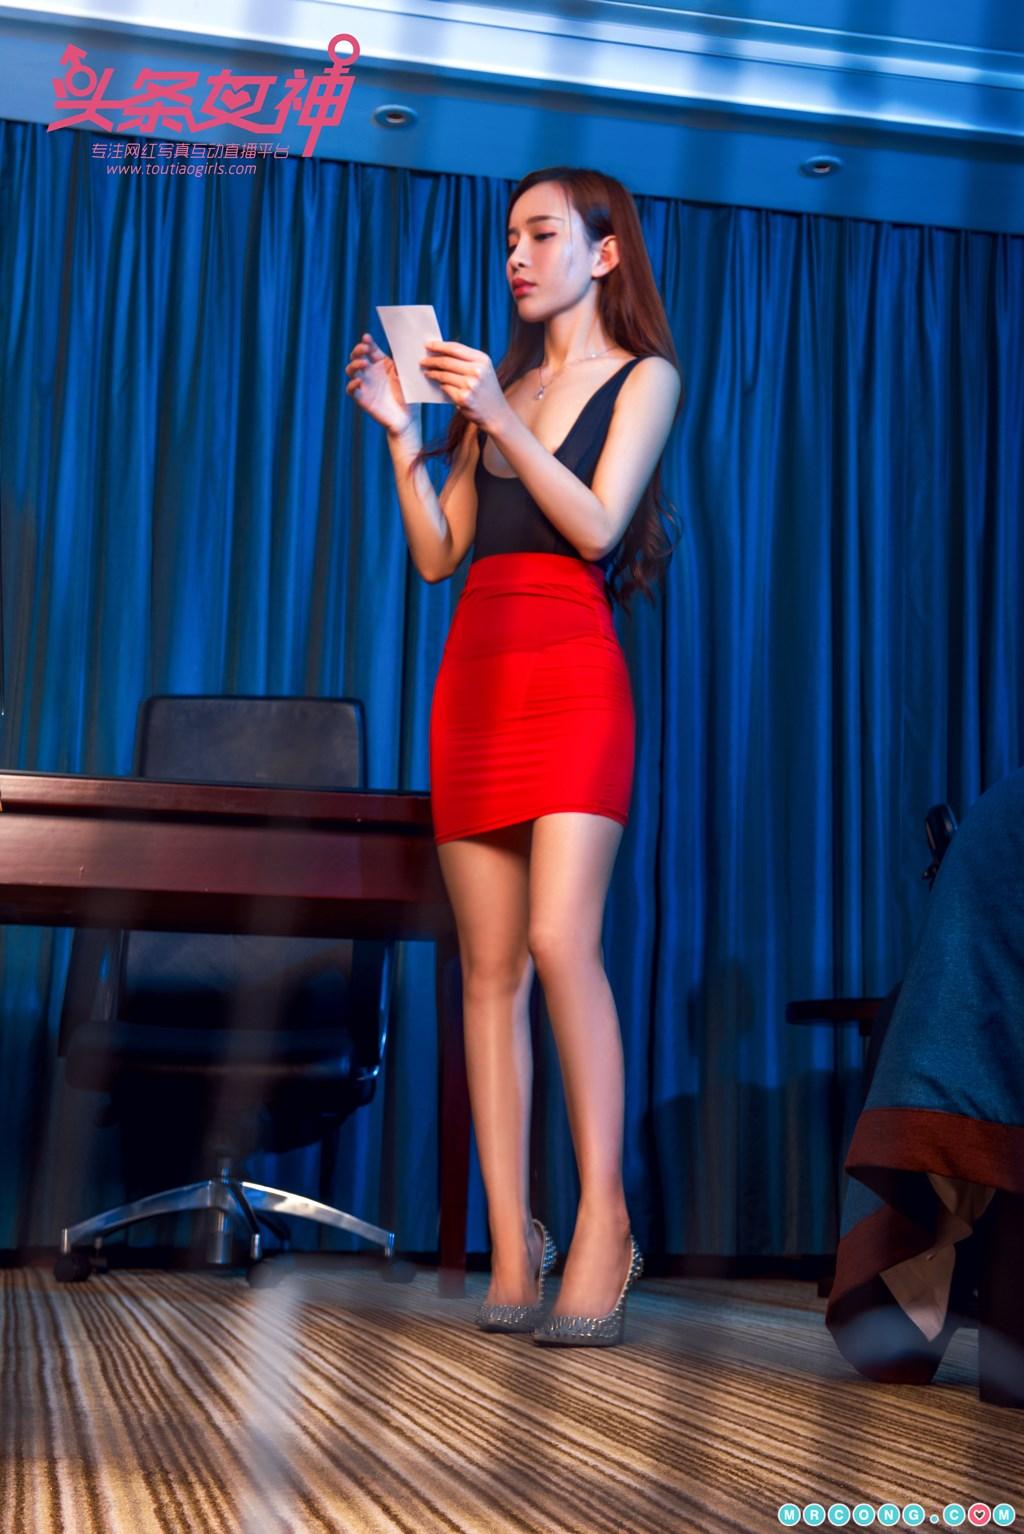 Image TouTiao-2017-12-16-Ai-Xiao-Qing-MrCong.com-006 in post TouTiao 2017-12-16: Người mẫu Ai Xiao Qing (艾小青) (32 ảnh)